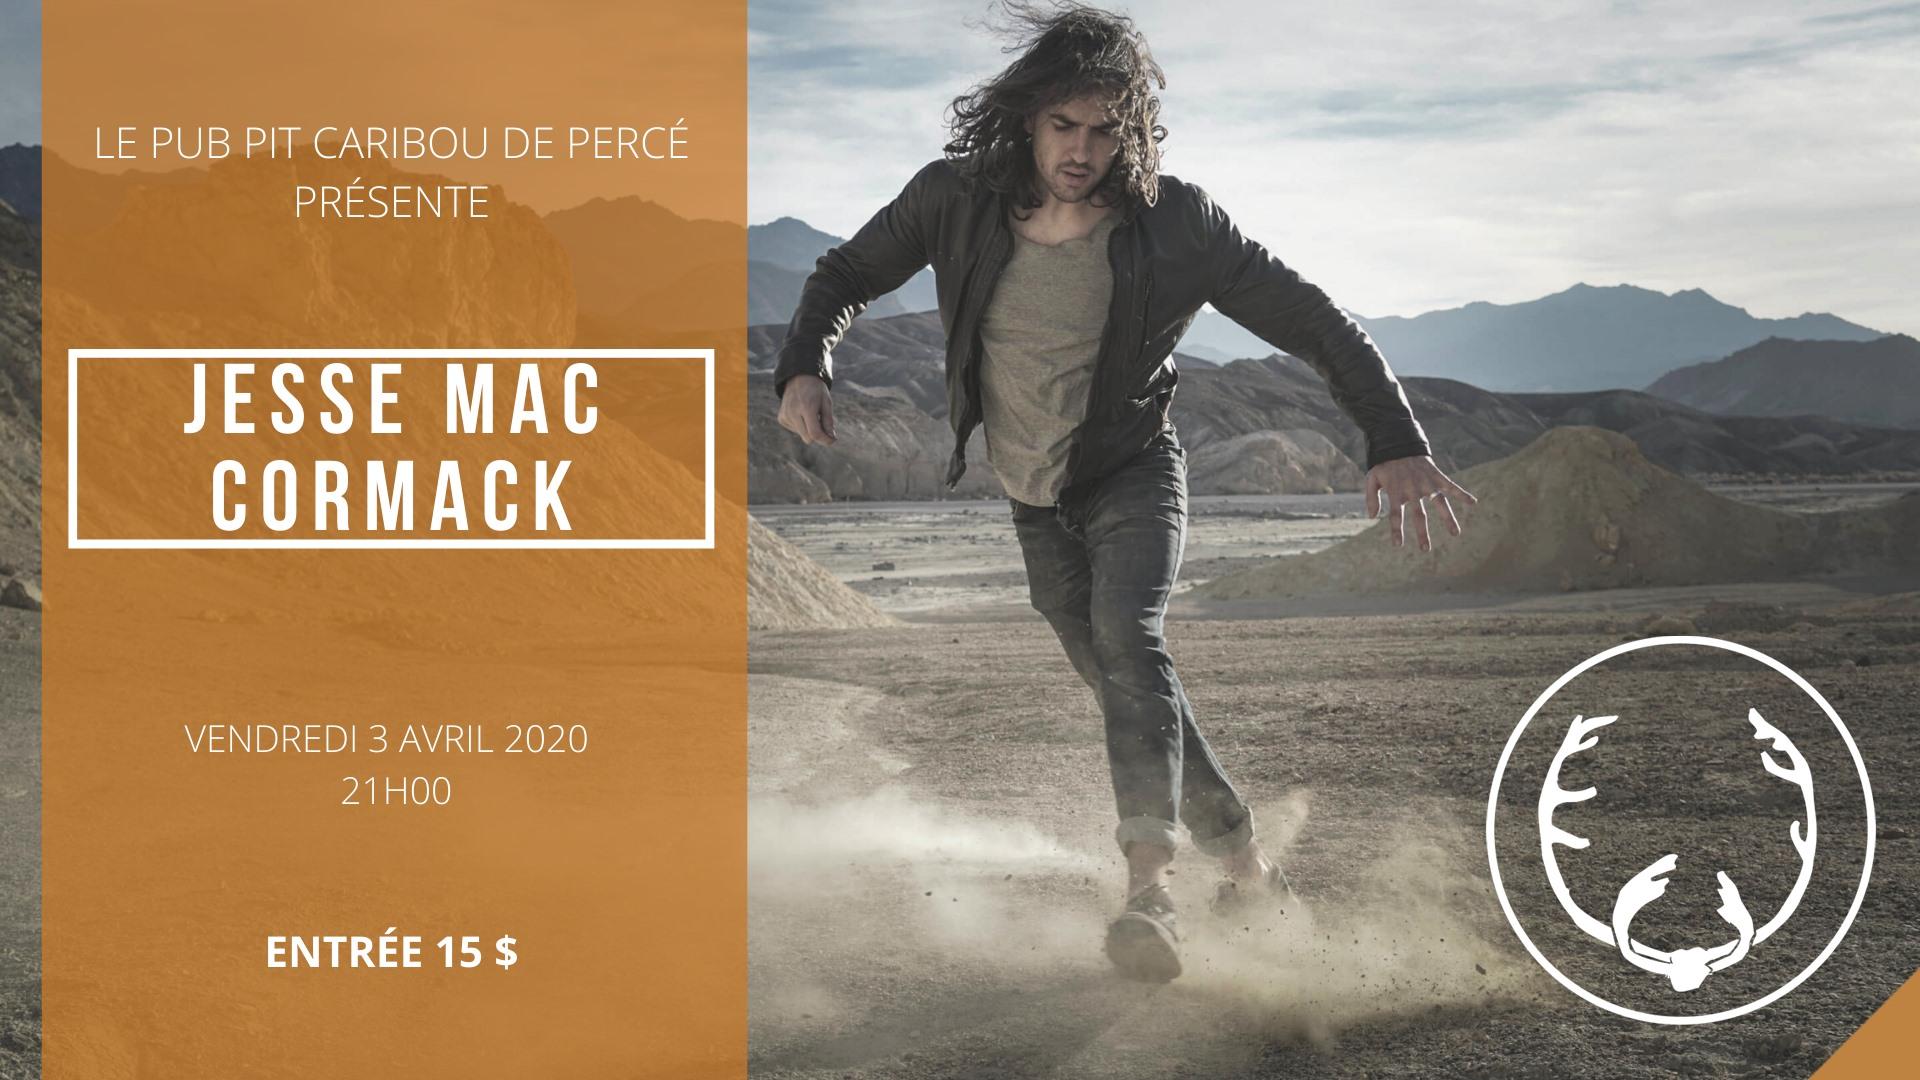 Concert de Jesse Mac Cormack ***REPORTÉ EN JUIN EN RAISON DU CORONA VIRUS***